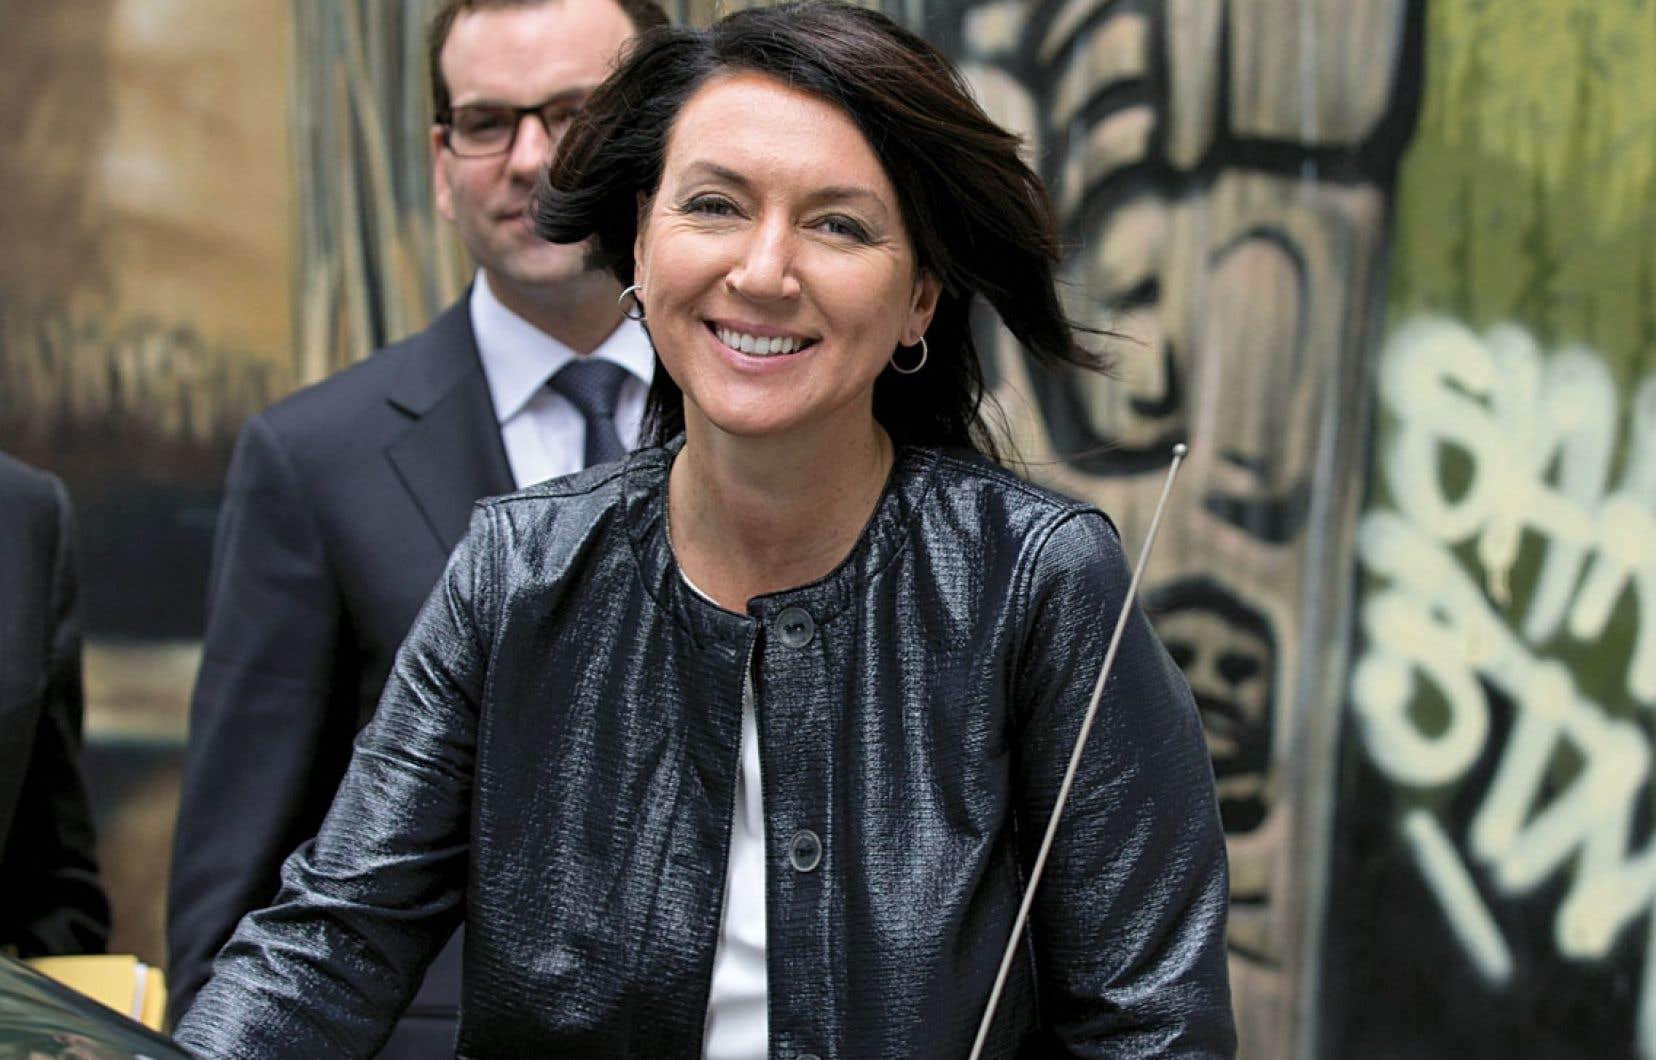 Nathalie Normandeau a été vice-première ministre d'avril 2007 à septembre 2011, date de sa démission. Attendu depuis des mois, le témoignage de l'ancienne ministre des Affaires municipales et des Régions, puis des Ressources naturelles, n'aura finalement duré que quelques heures.